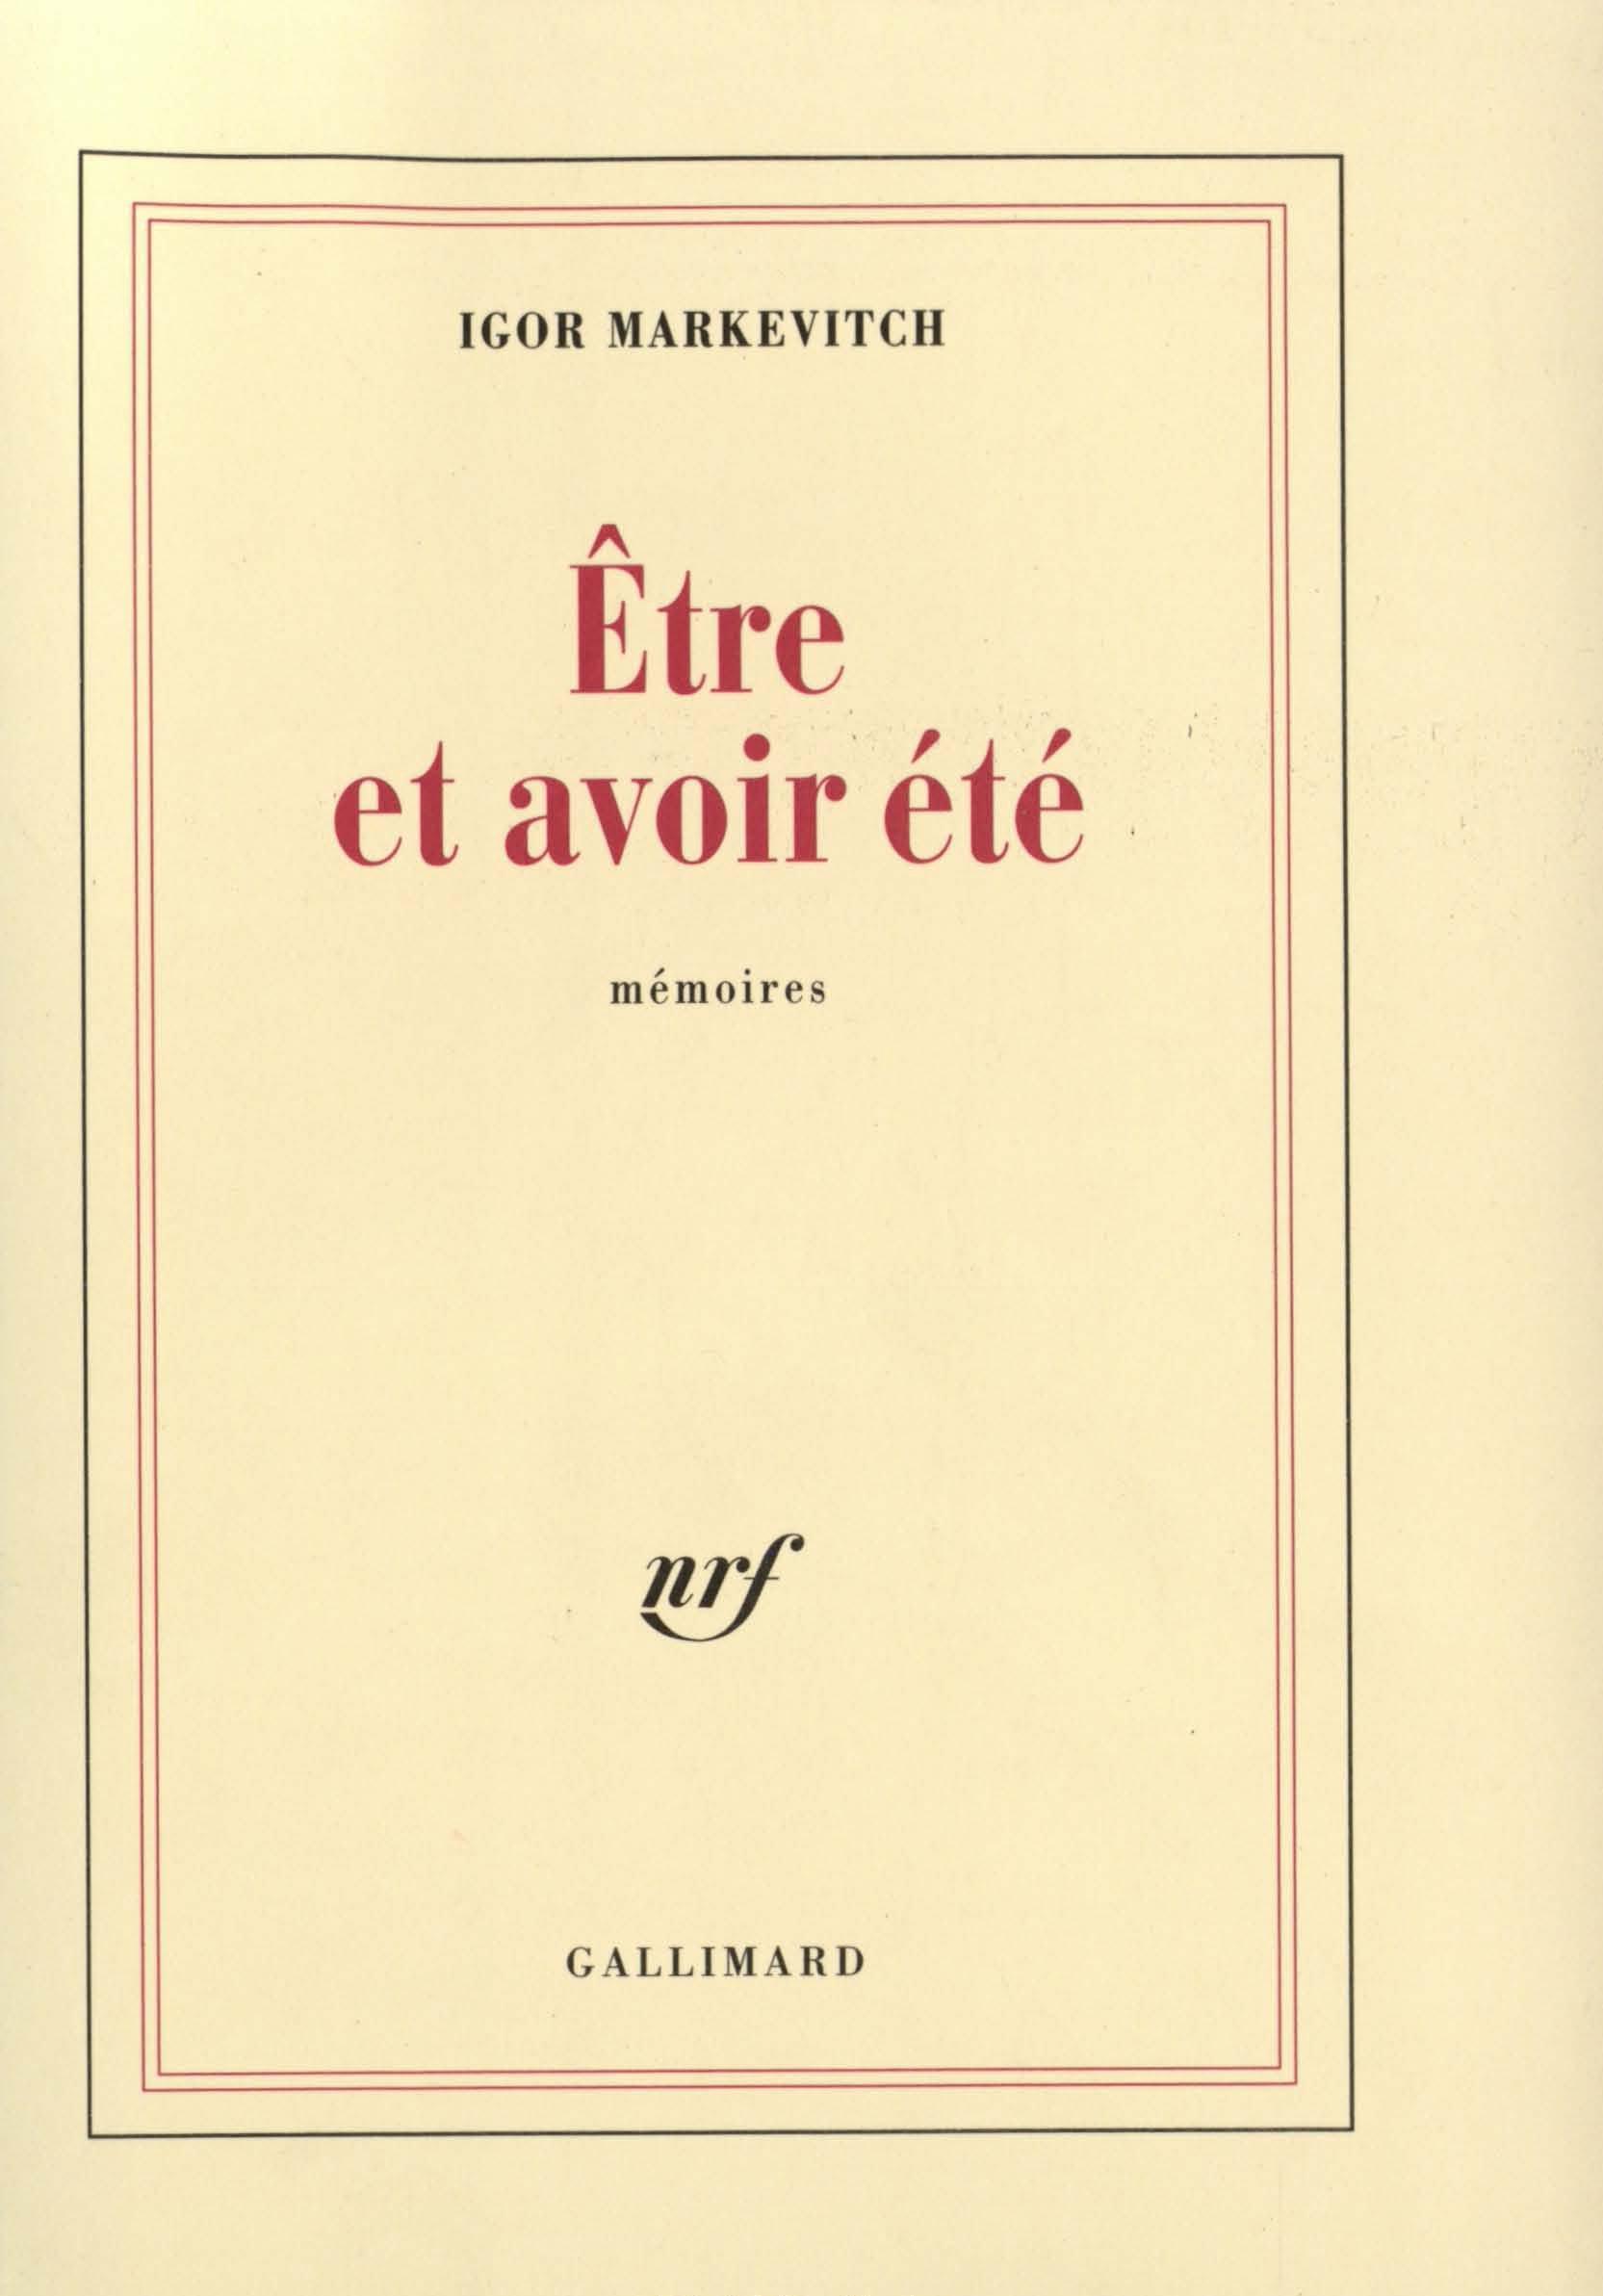 Igor MARKEVITCH, «Être et avoir été», Gallimard, ISBN: 2070225232, octobre 1980